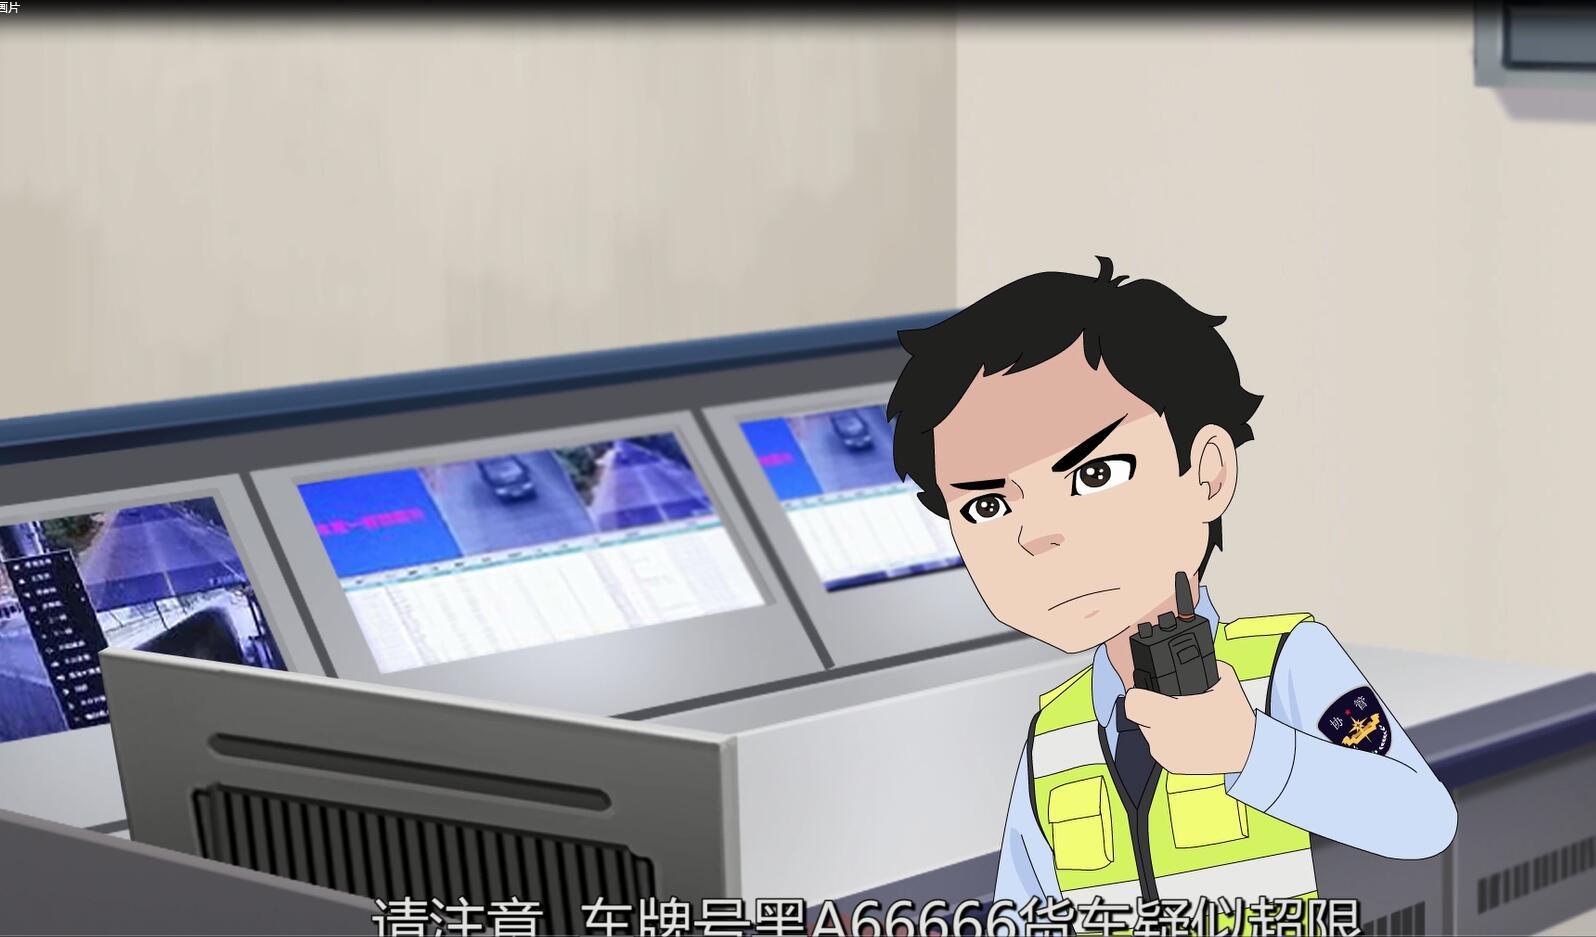 长沙县:超限运输动画片